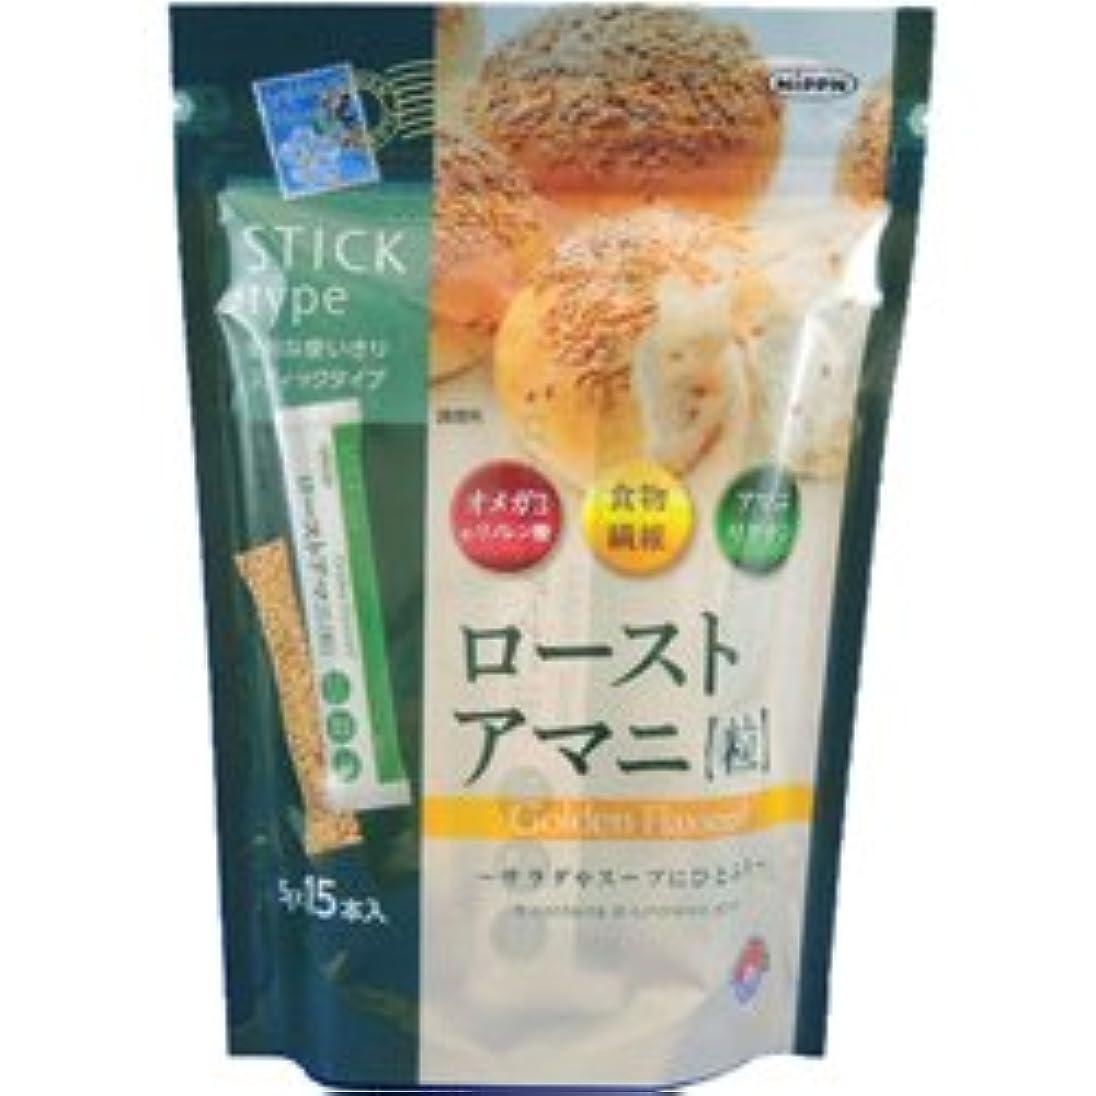 ベース誕生称賛【日本製粉】ローストアマニ粒 75g ×10個セット